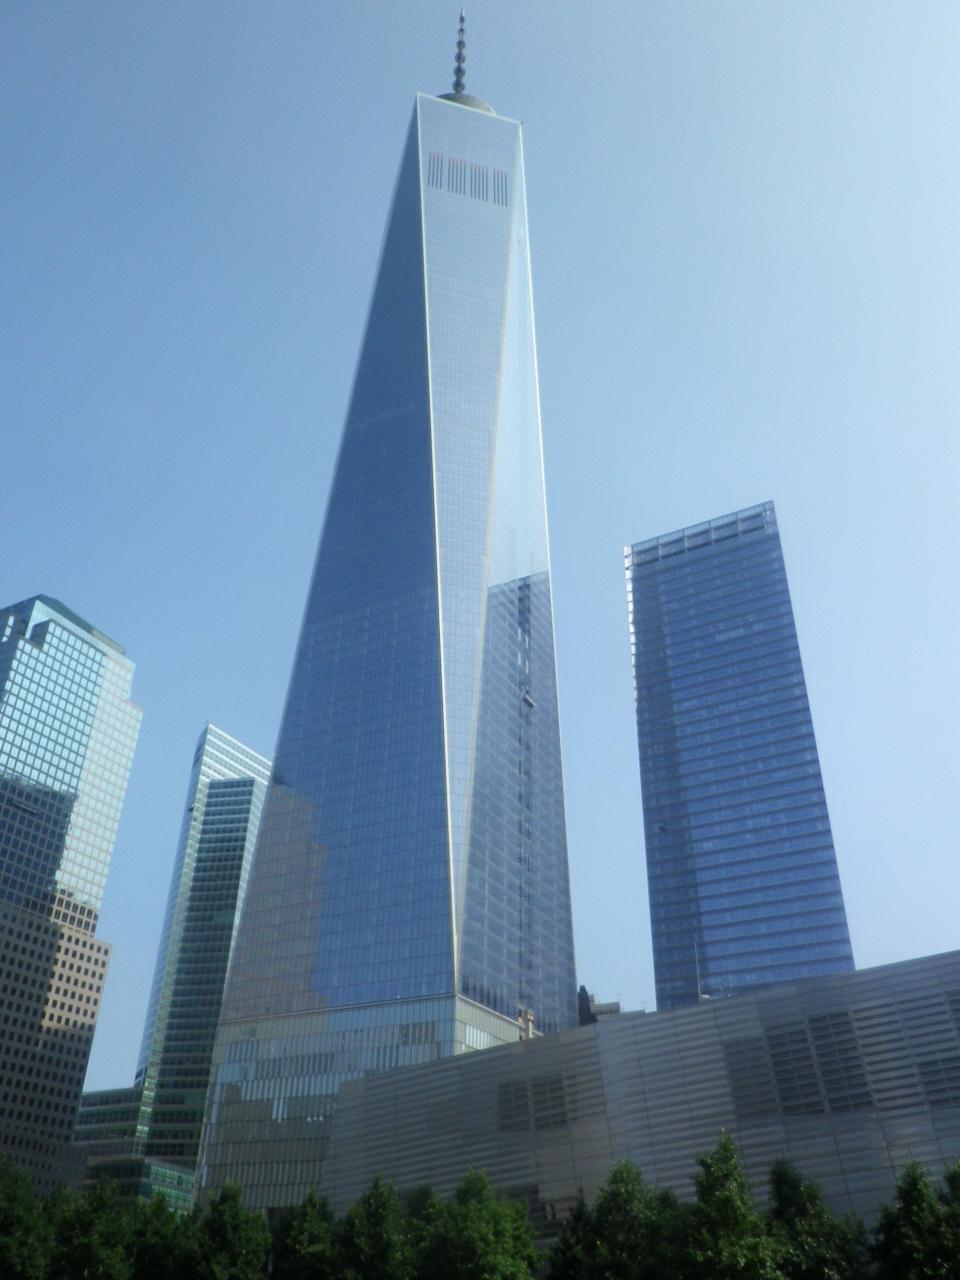 ニューヨーク紀行 01:ワールドトレードセンターメモリアル